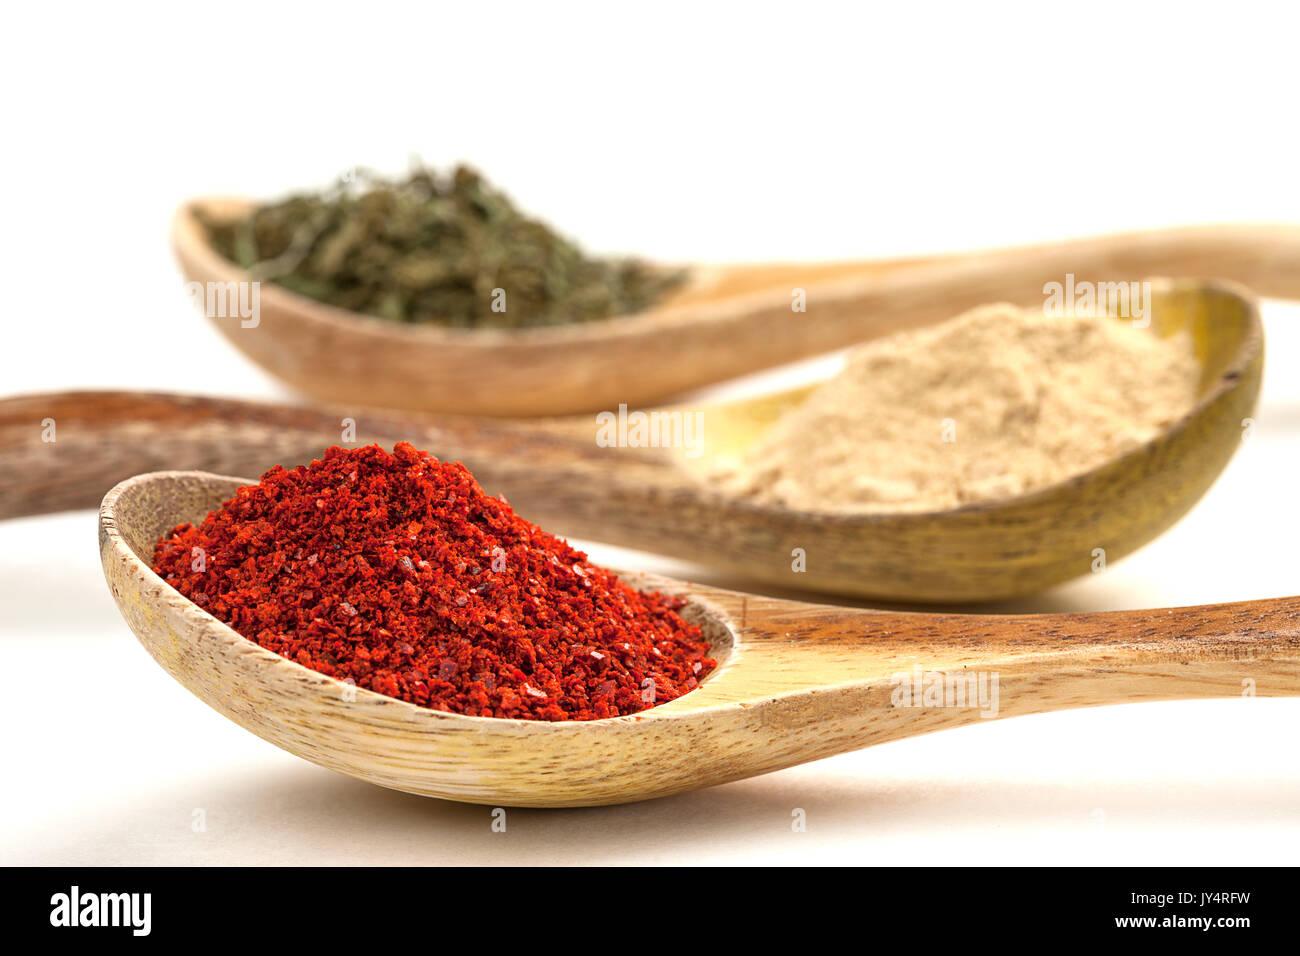 Un cierre de cucharas de madera rellenas de pimiento rojo en polvo, ajo en polvo, y las hojas de albahaca. Foto de stock